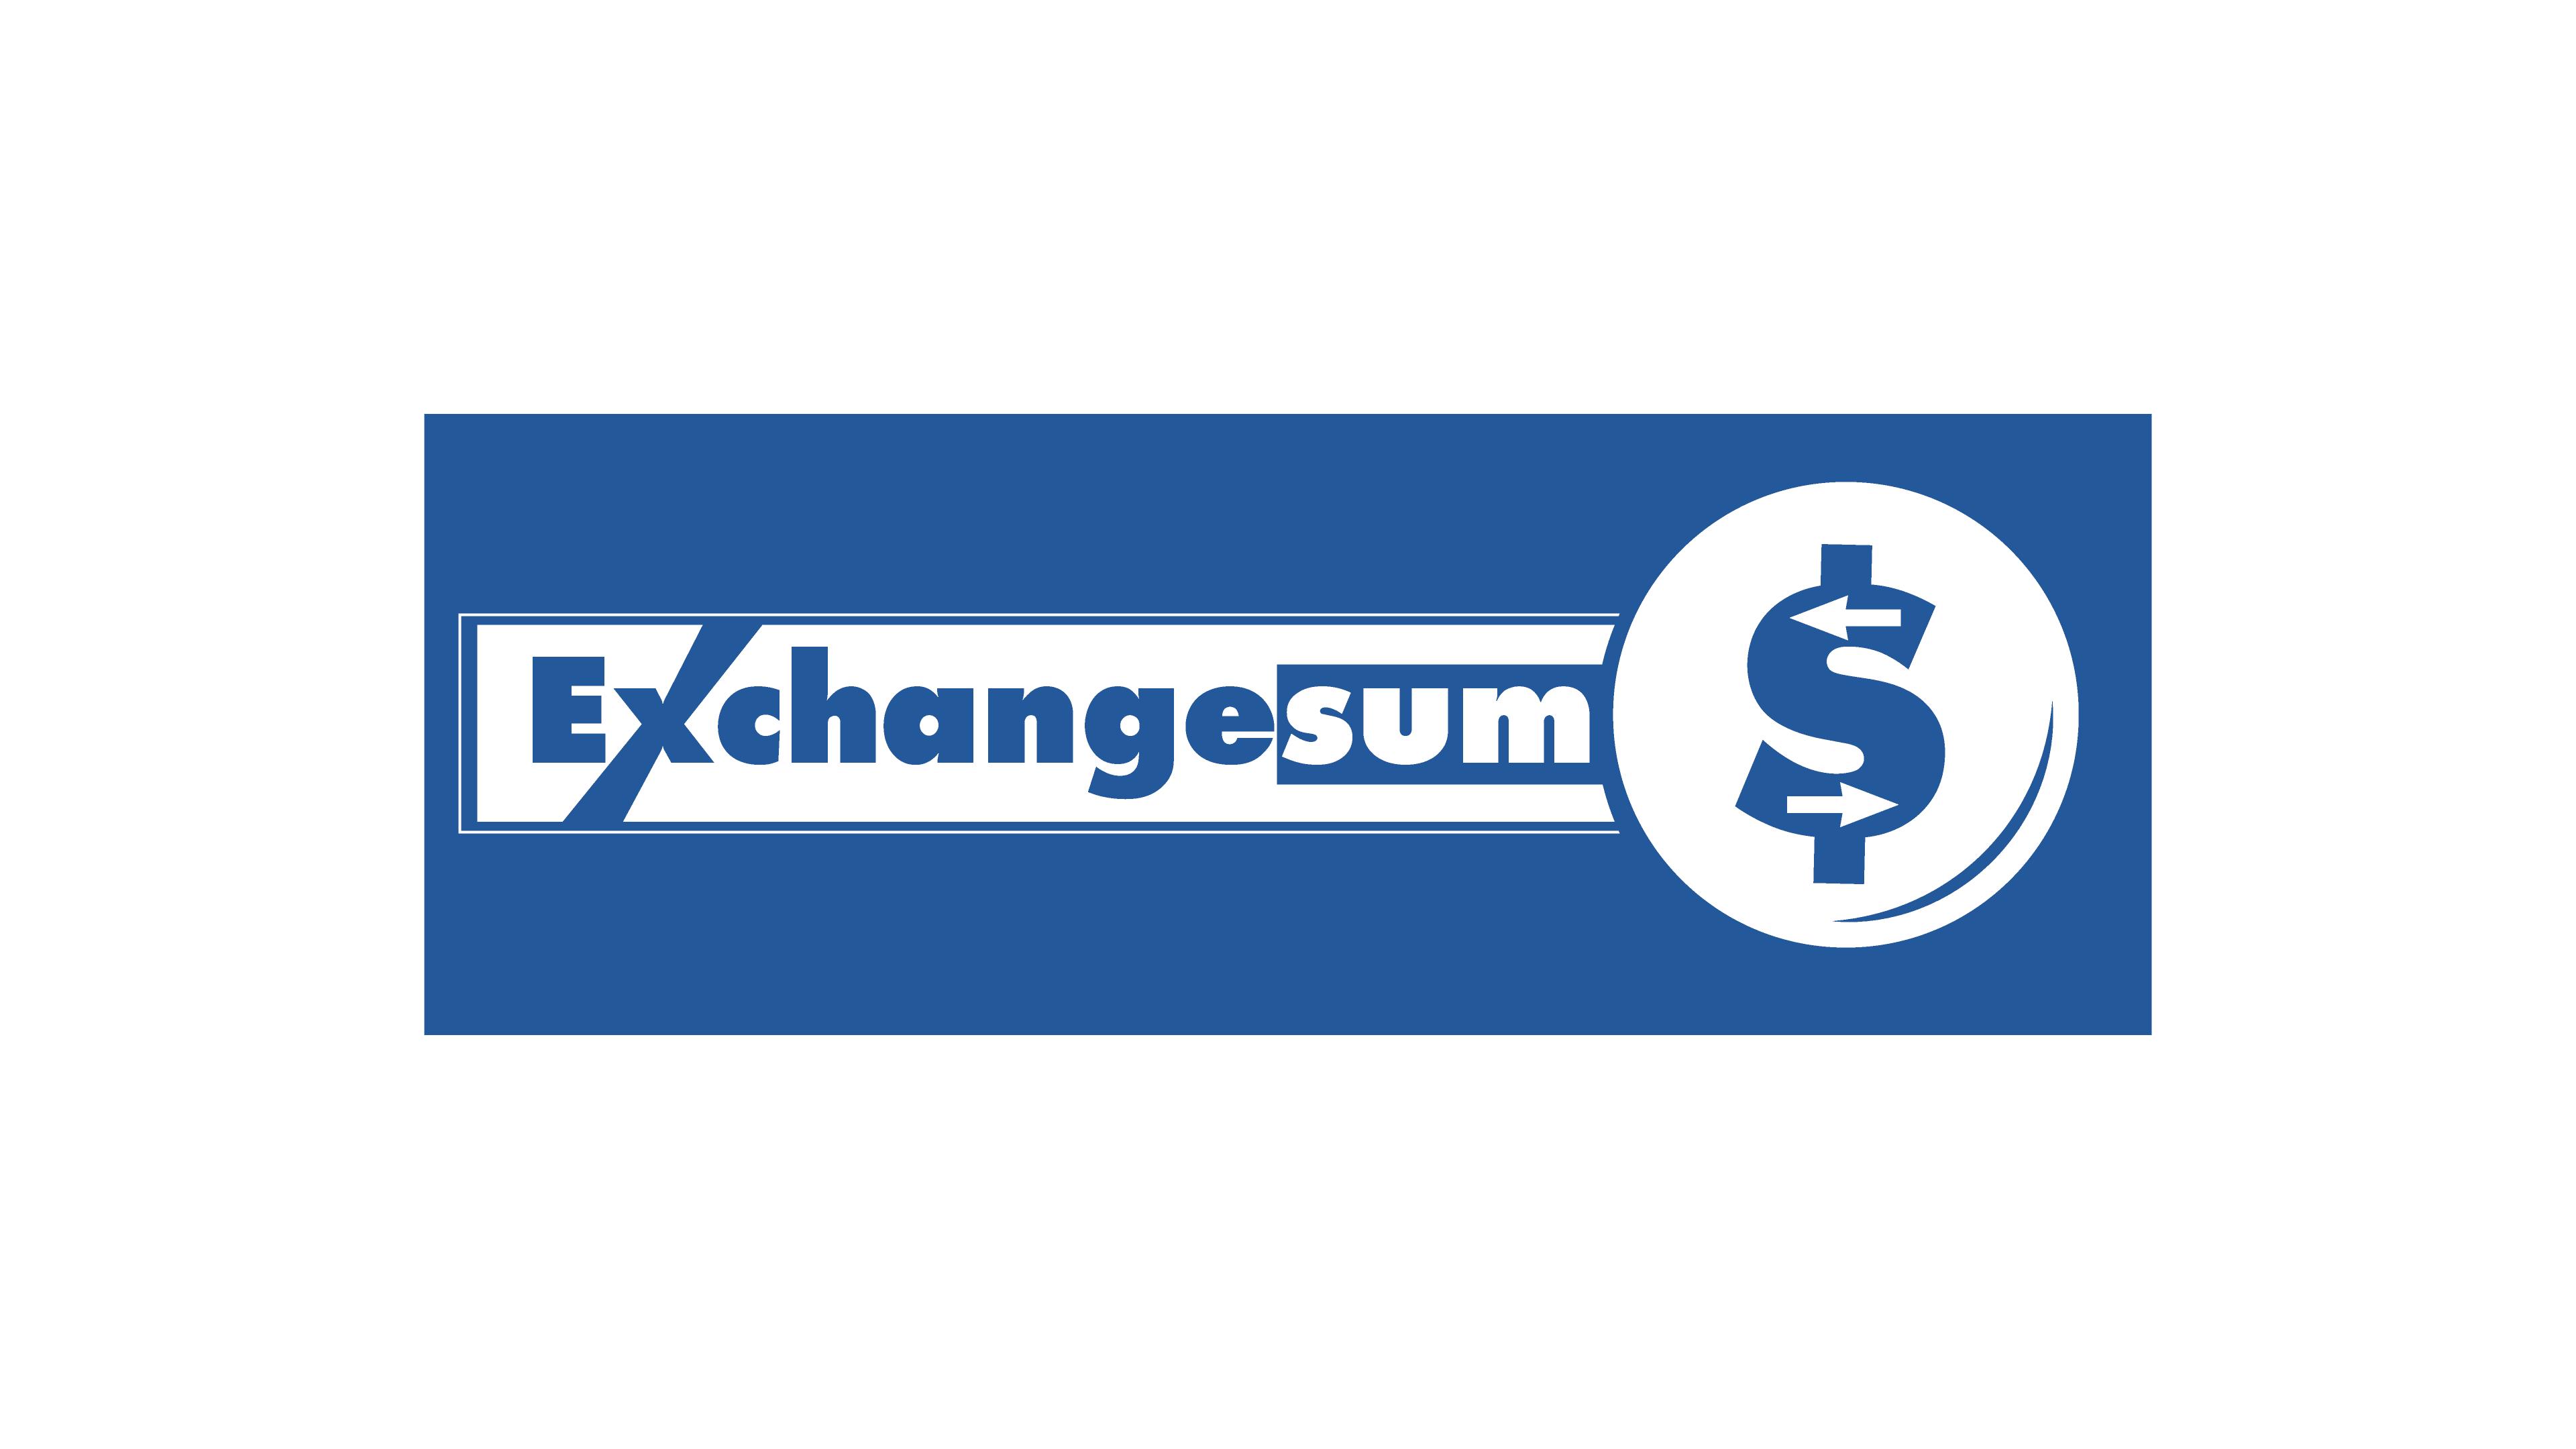 Логотип для мониторинга обменников фото f_3445bb2a5cdc2abc.png